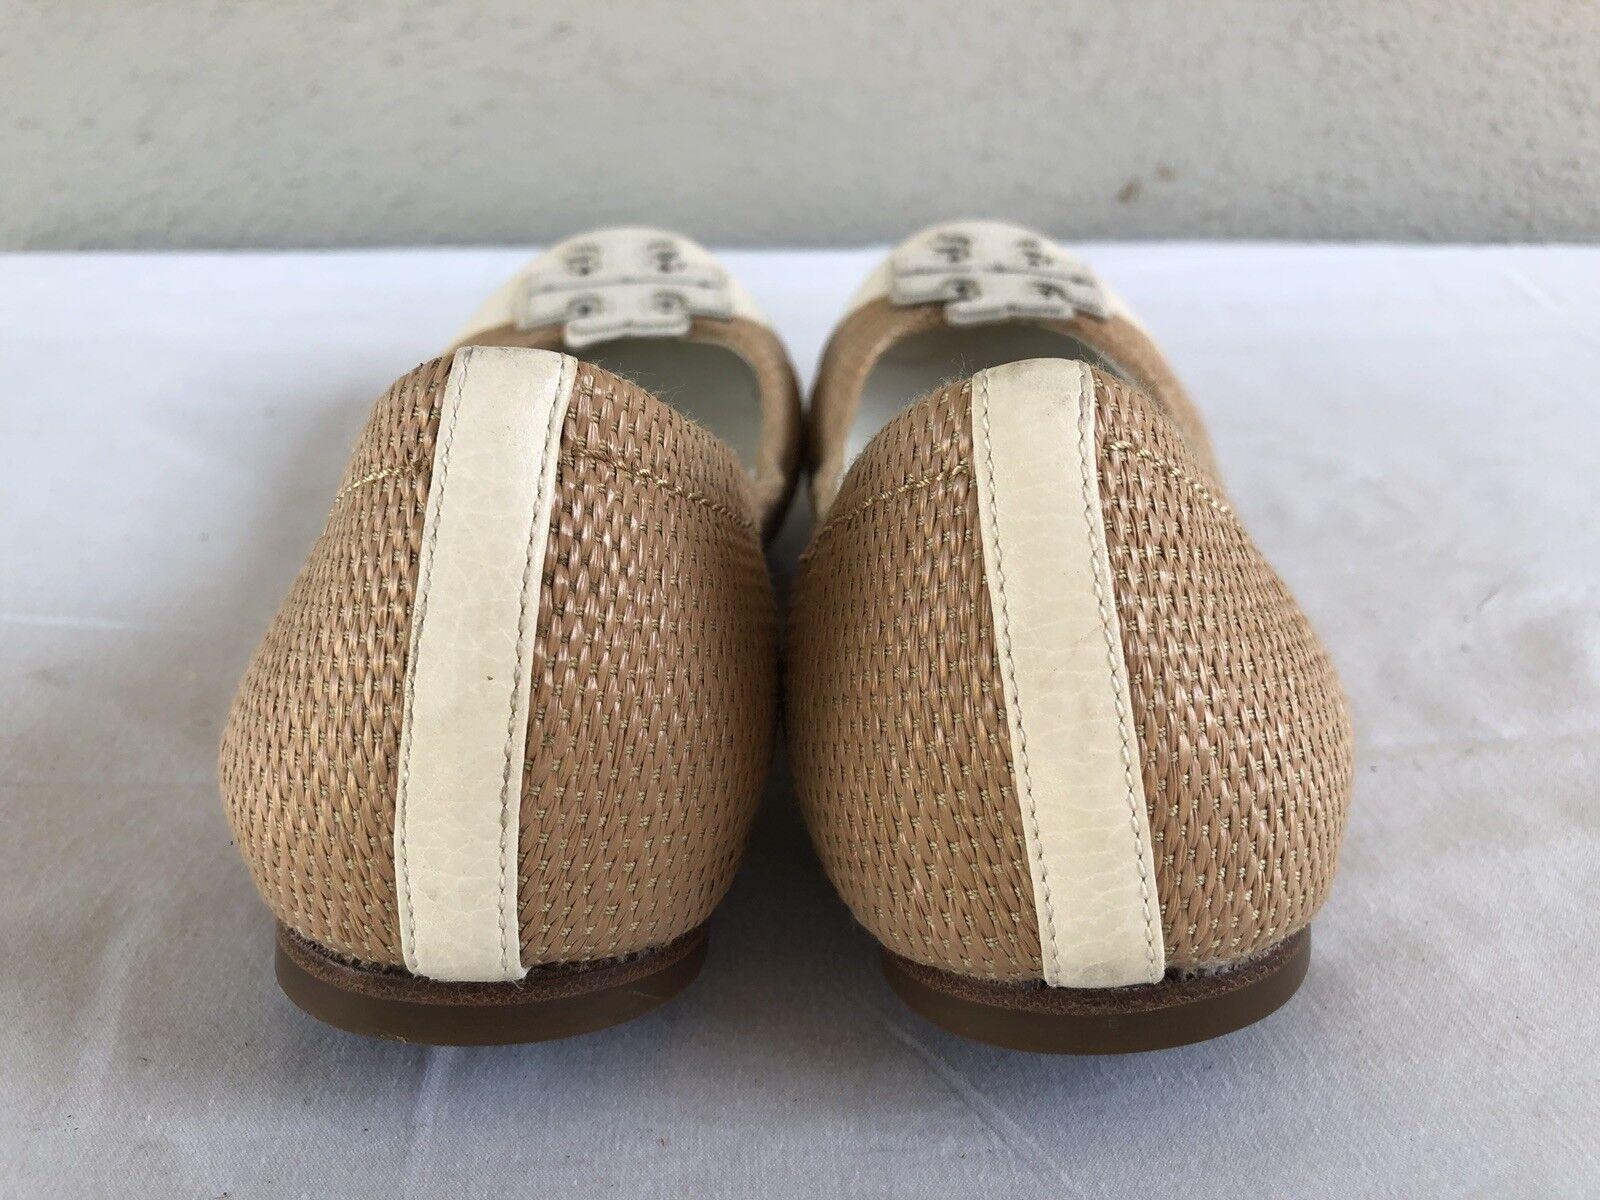 Excelente condición usada nos Tory Burch Ballet Ballet Plano Plano Plano 9M Cuero blancoo Beige Puntera un zapato de logotipo ba6e2c